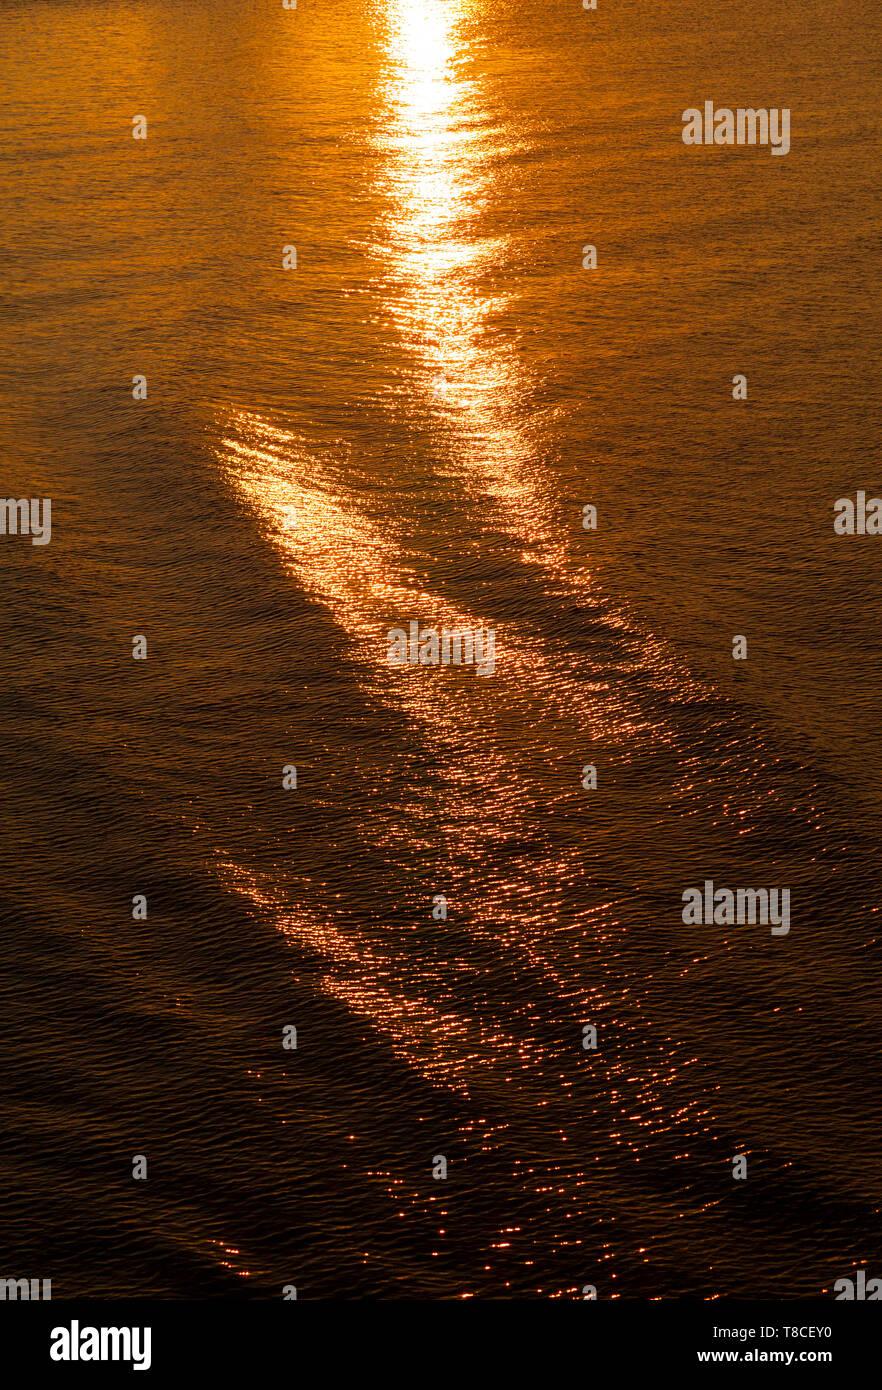 Grecia, Mar Mediterráneo - Stock Image